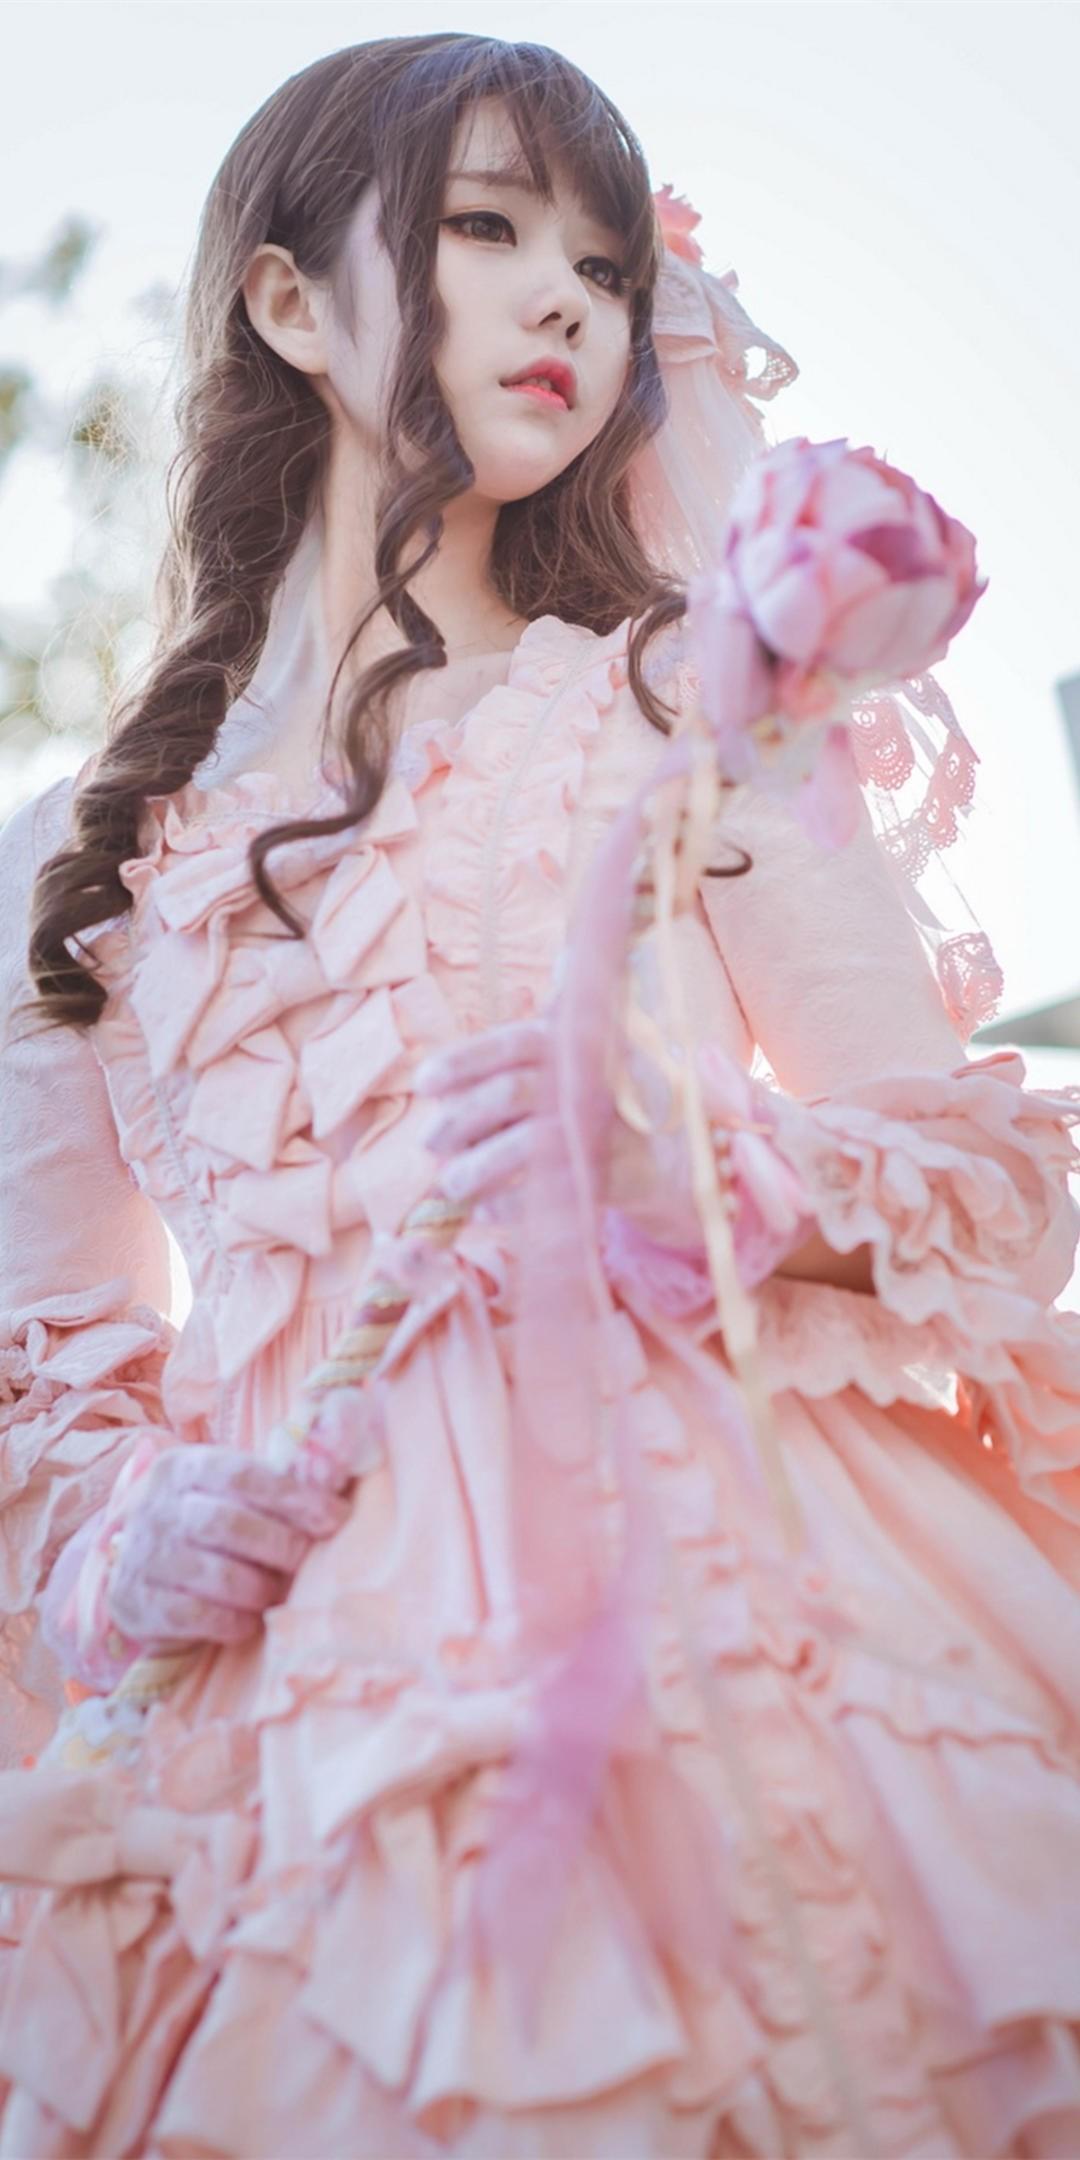 粉色系少女心手机壁纸插图47